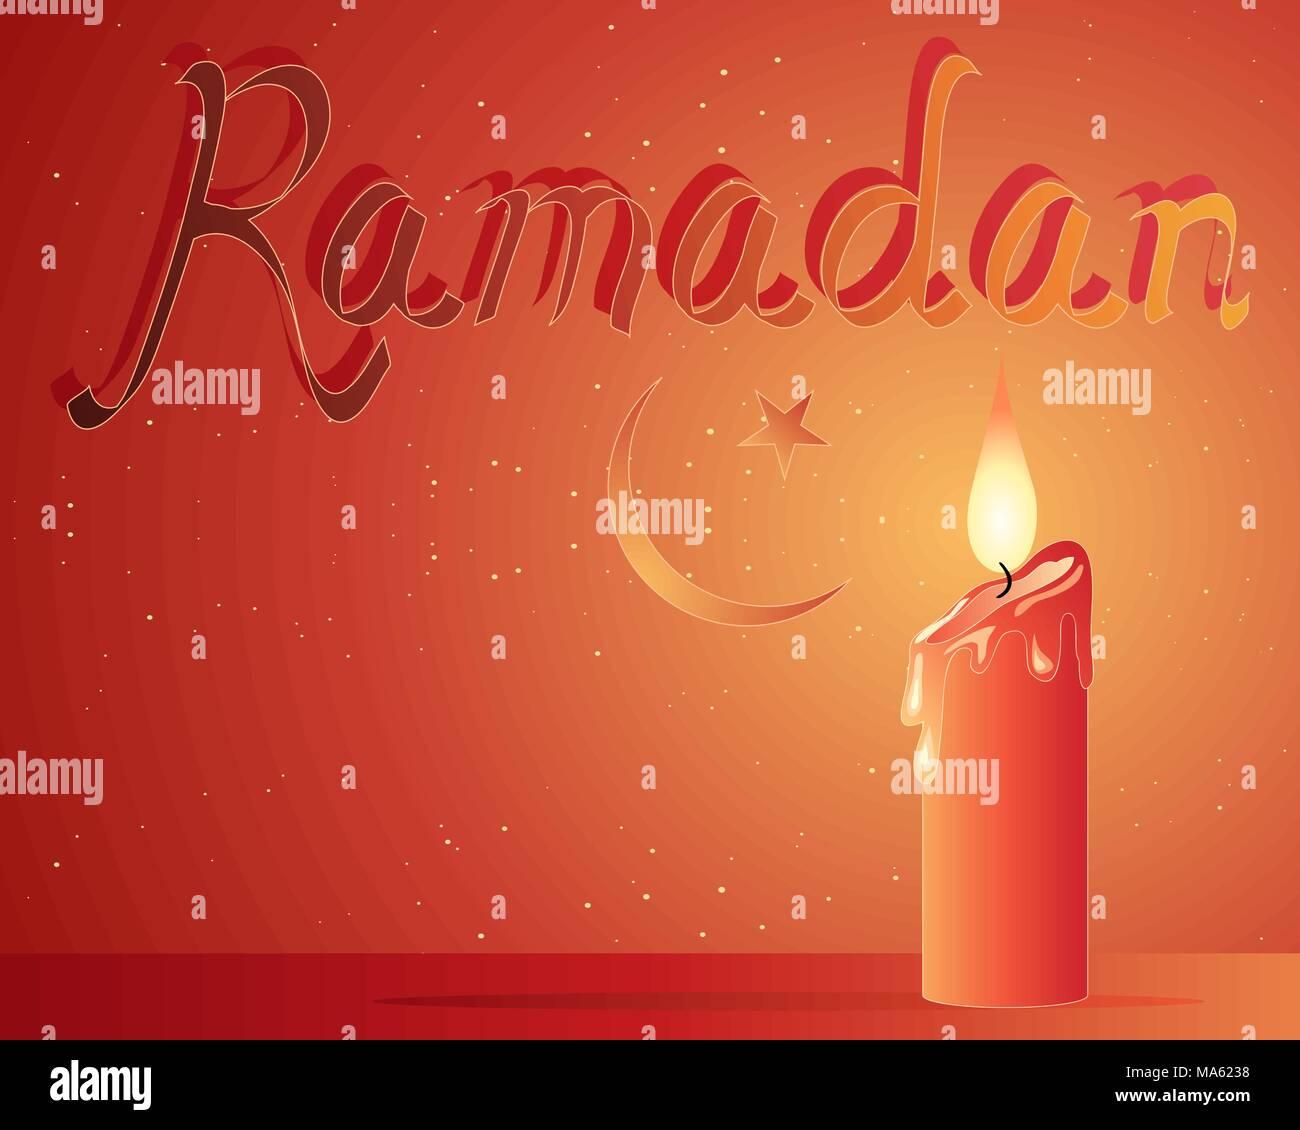 Una illustrazione vettoriale in formato eps formato 10 di un santo Ramadan festival biglietto di auguri con una candela rossa mezzaluna simbolo Immagini Stock